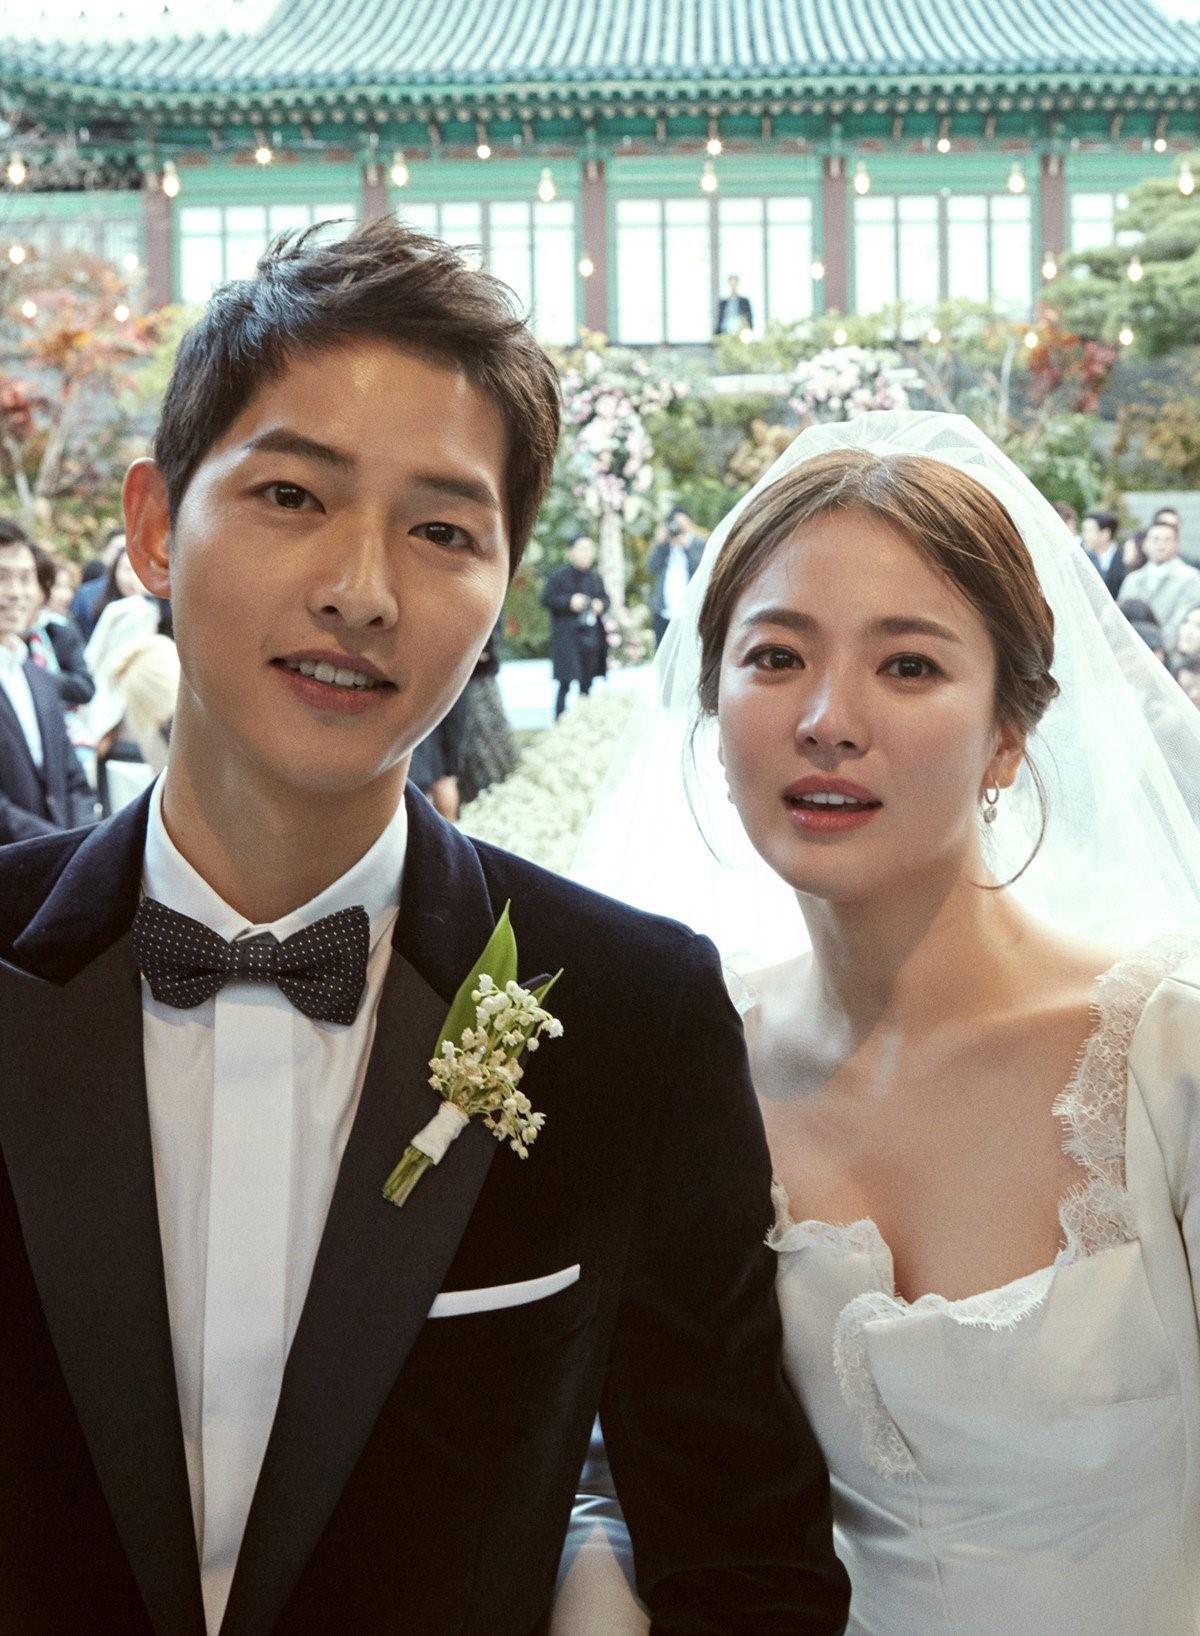 Ơn giời! Song Joong Ki cuối cùng đã kể về vợ sau tin đồn ly hôn, tiết lộ cách cô động viên anh suốt thời gian qua - Ảnh 2.